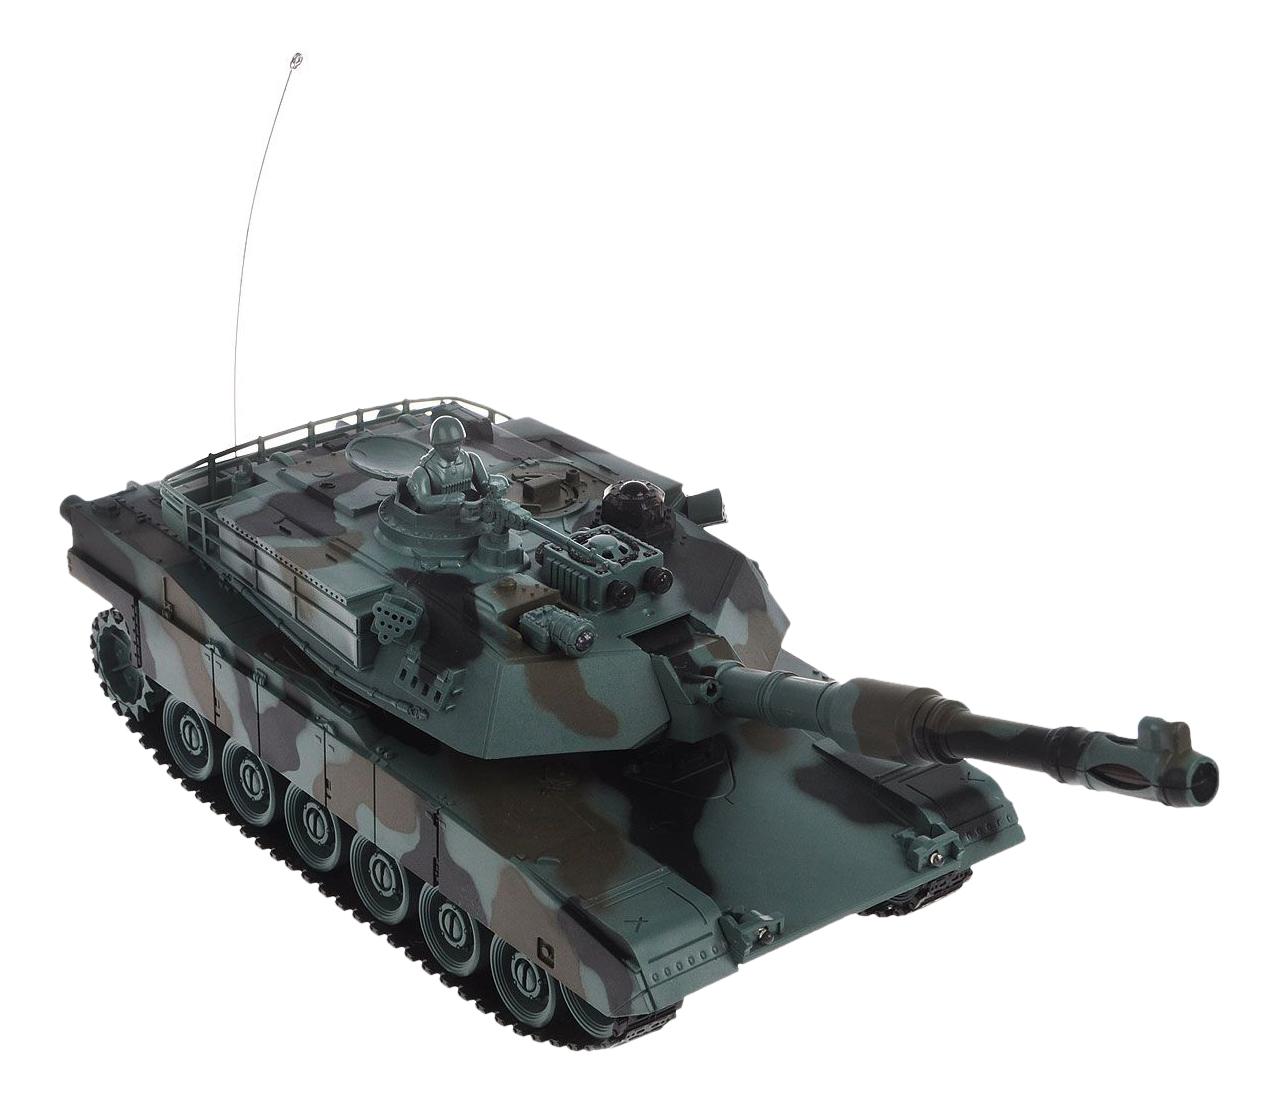 Купить Танк Abrams M1A2, Радиоуправляемая военная техника Пламенный Мотор 87556, Пламенный мотор, Радиоуправляемые танки